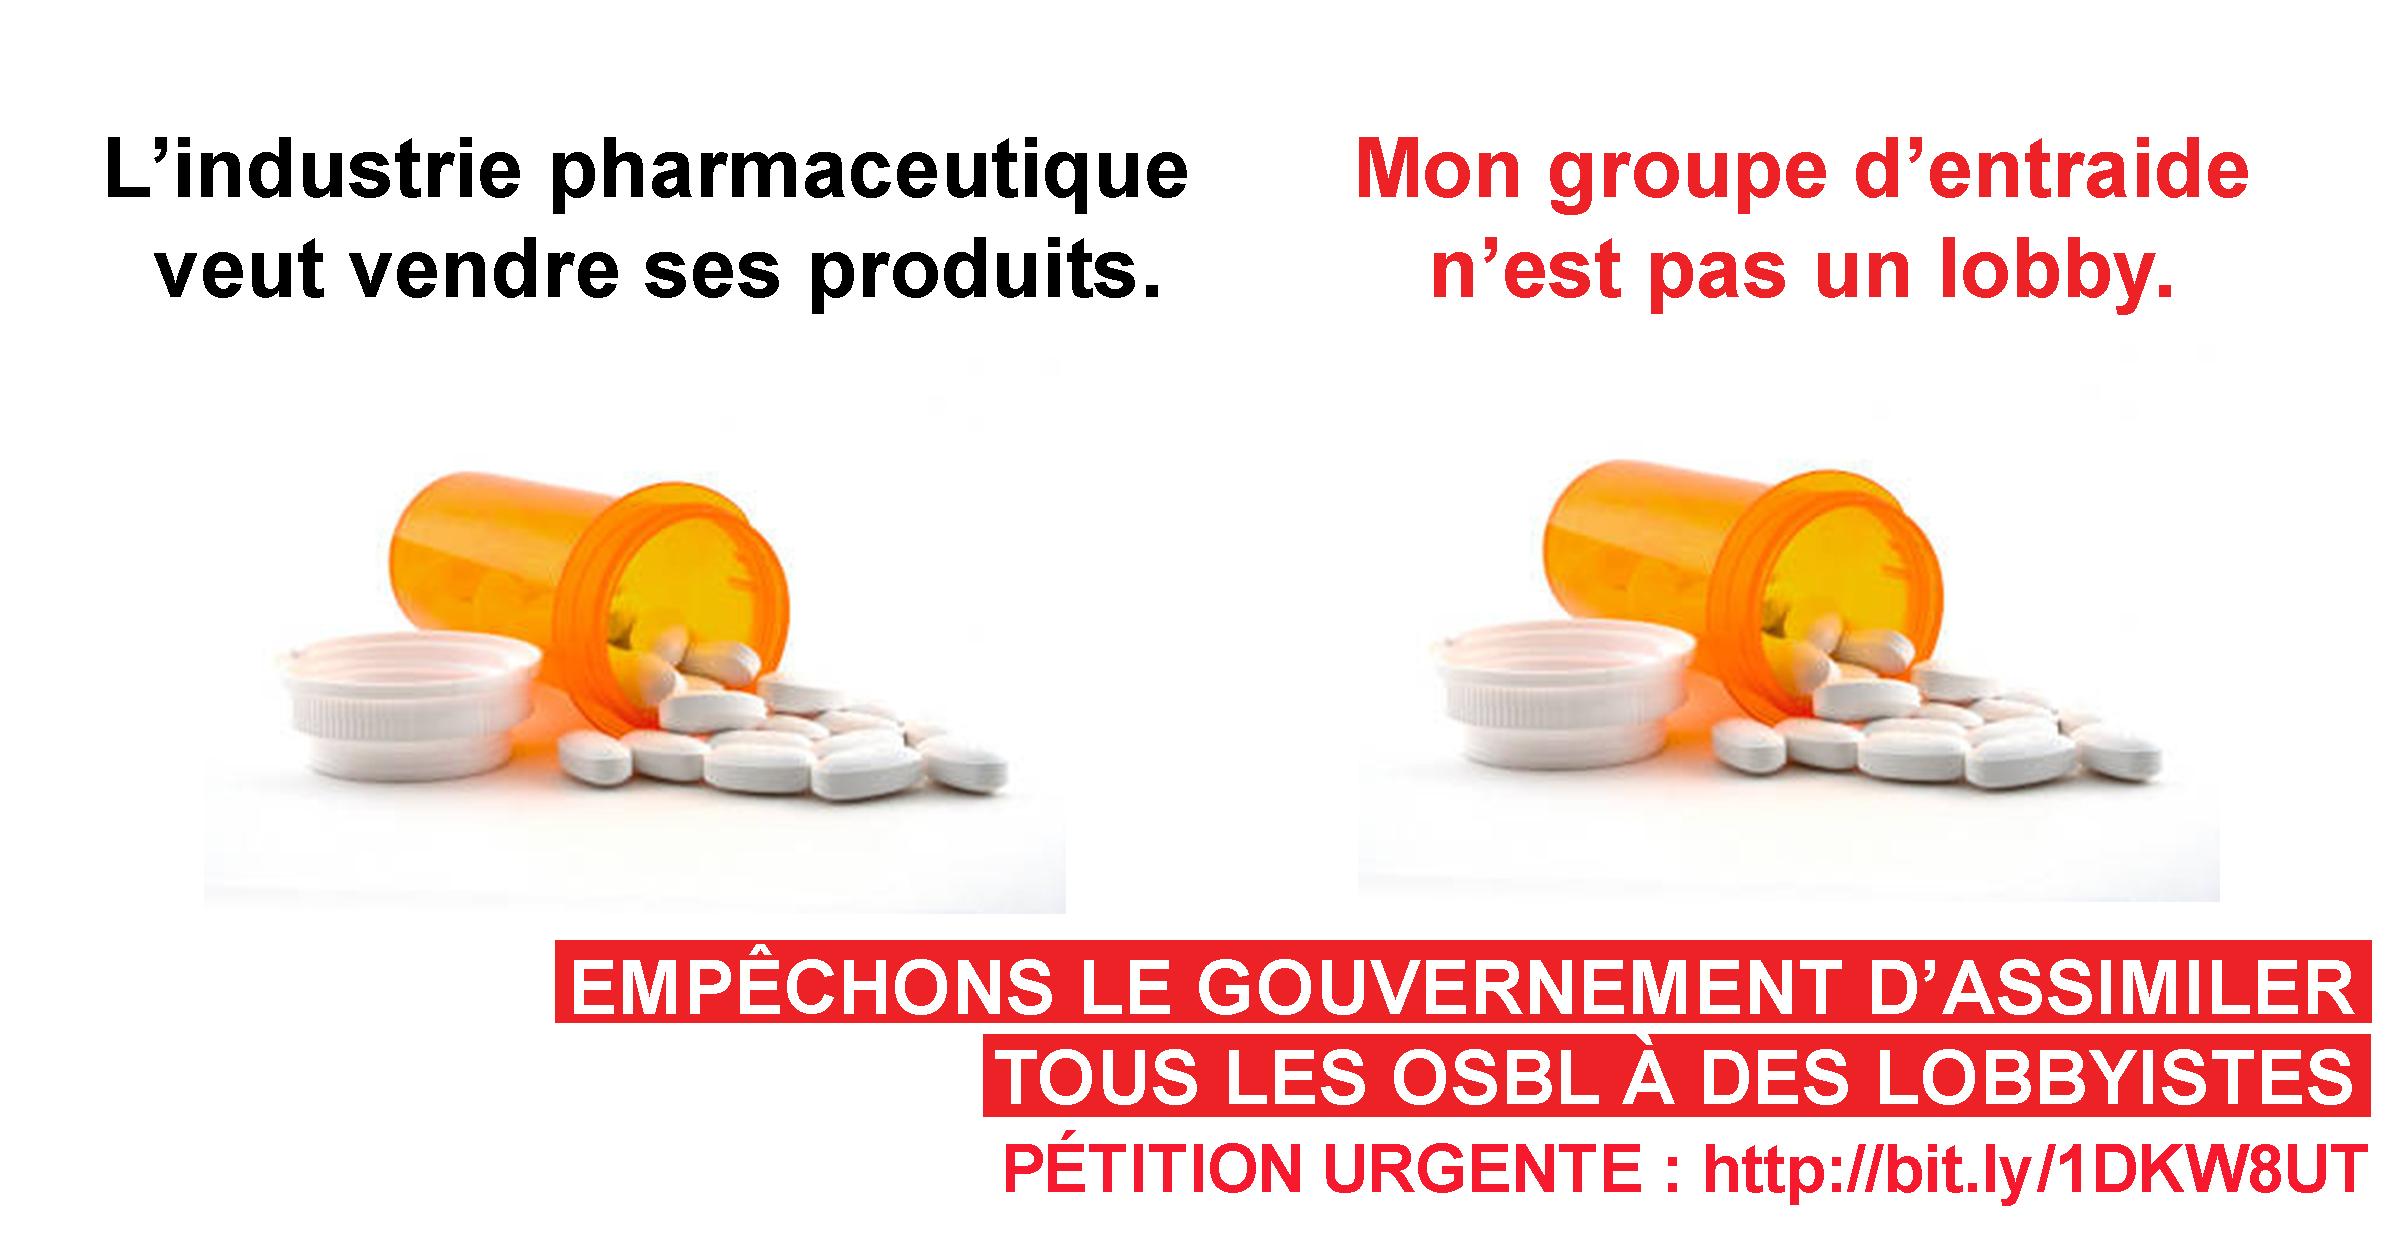 Affichette : L'industrie pharmaceutique veut vendre ses produits / Mon groupe d'entraide n'est pas un lobby. Un petit pot en plastique déverse une dizaine de pillules blanches.